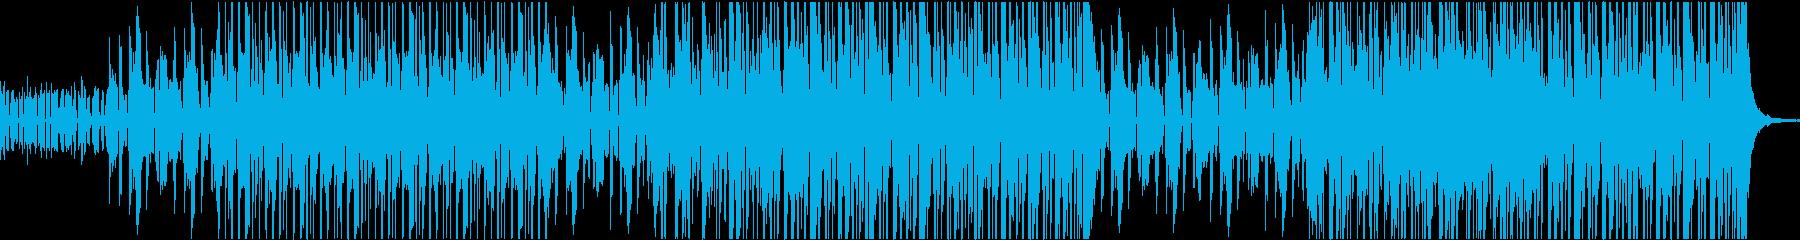 ハウス ダンス プログレッシブ 心...の再生済みの波形